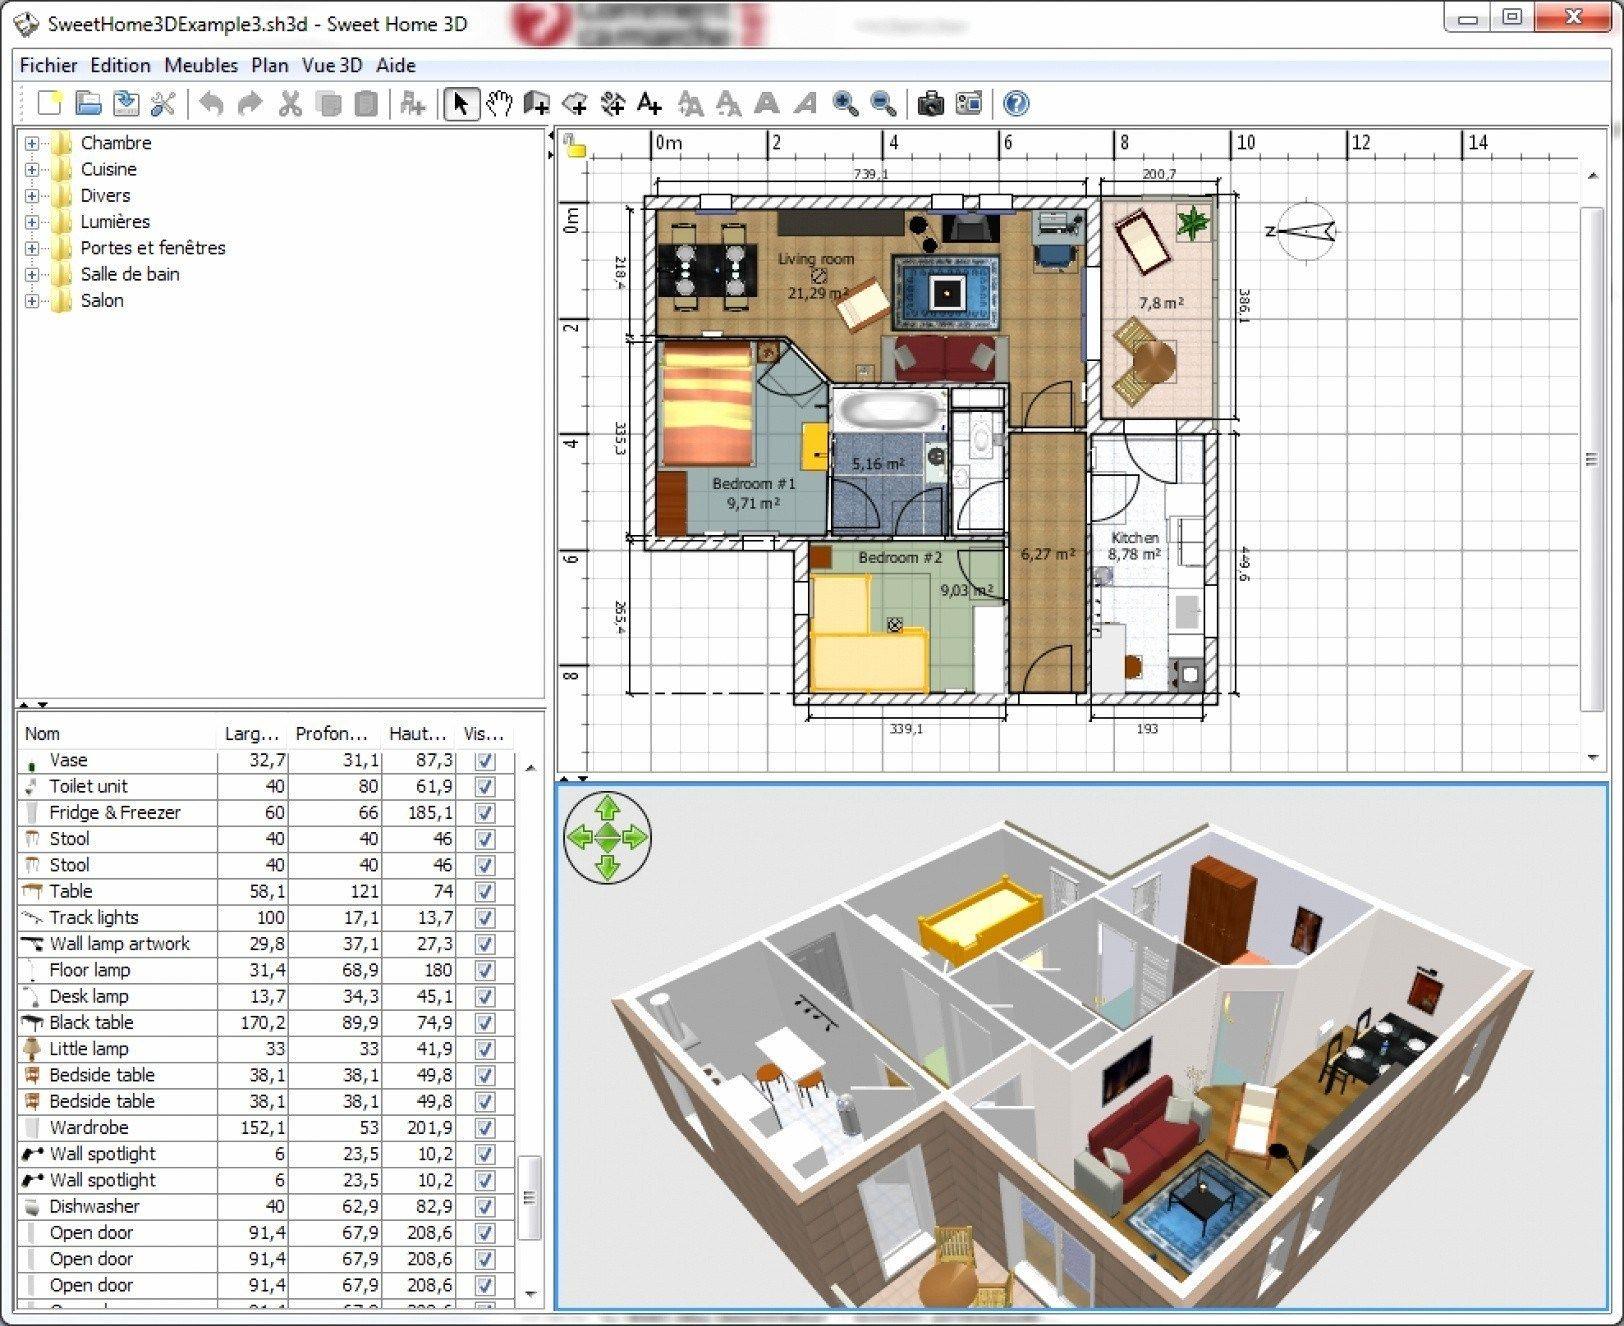 27 Logiciel Plan Maison Facile Plan De La Maison Logiciel Plan Maison Logiciel Plan Maison Gratuit Plan De Maison Gratuit